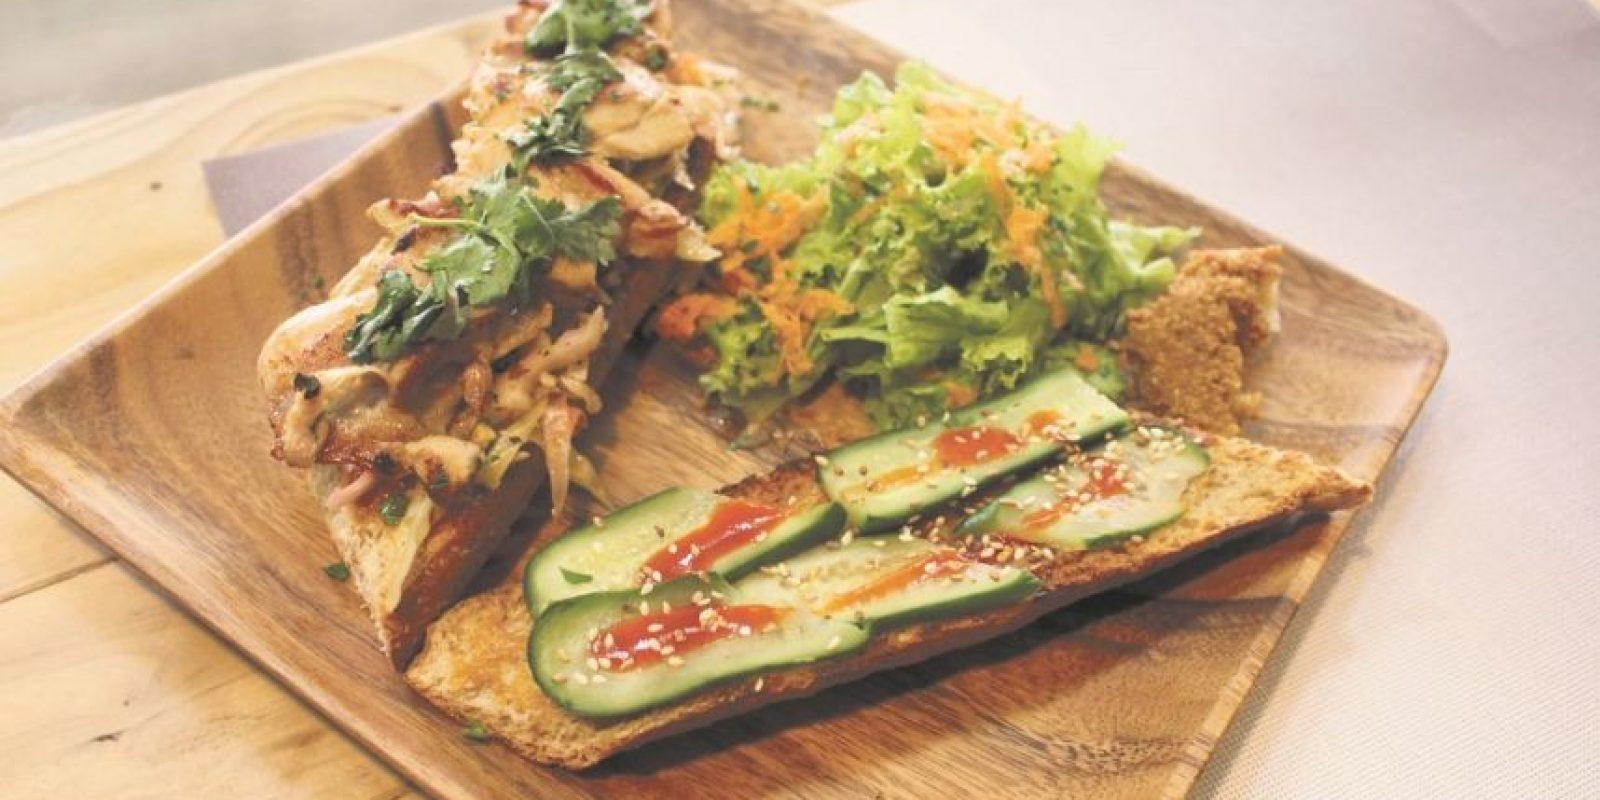 Vietnamese Grilled Chicken Sandwich. Pollo a la parrilla, ensalada de repollo asiático, cilantro, salsa de maní, pepino y Sriracha, en pan integral crujiente. Foto:Fuente Externa